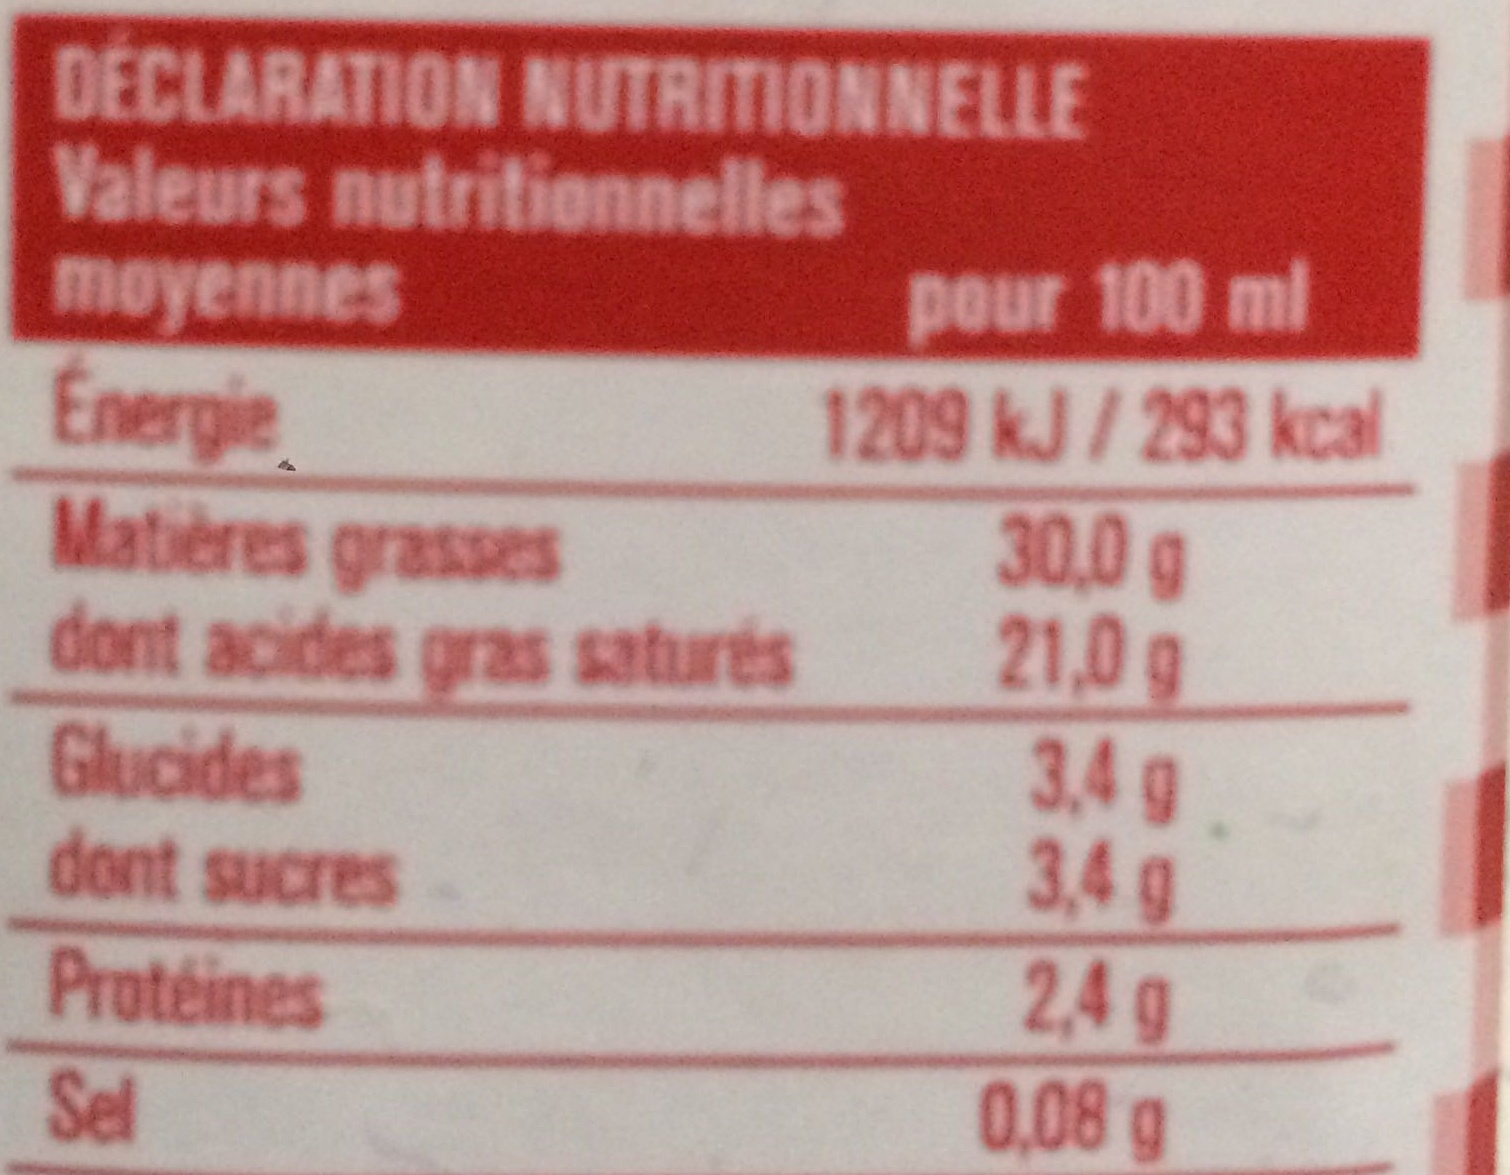 Crème entière liquide - Voedingswaarden - fr